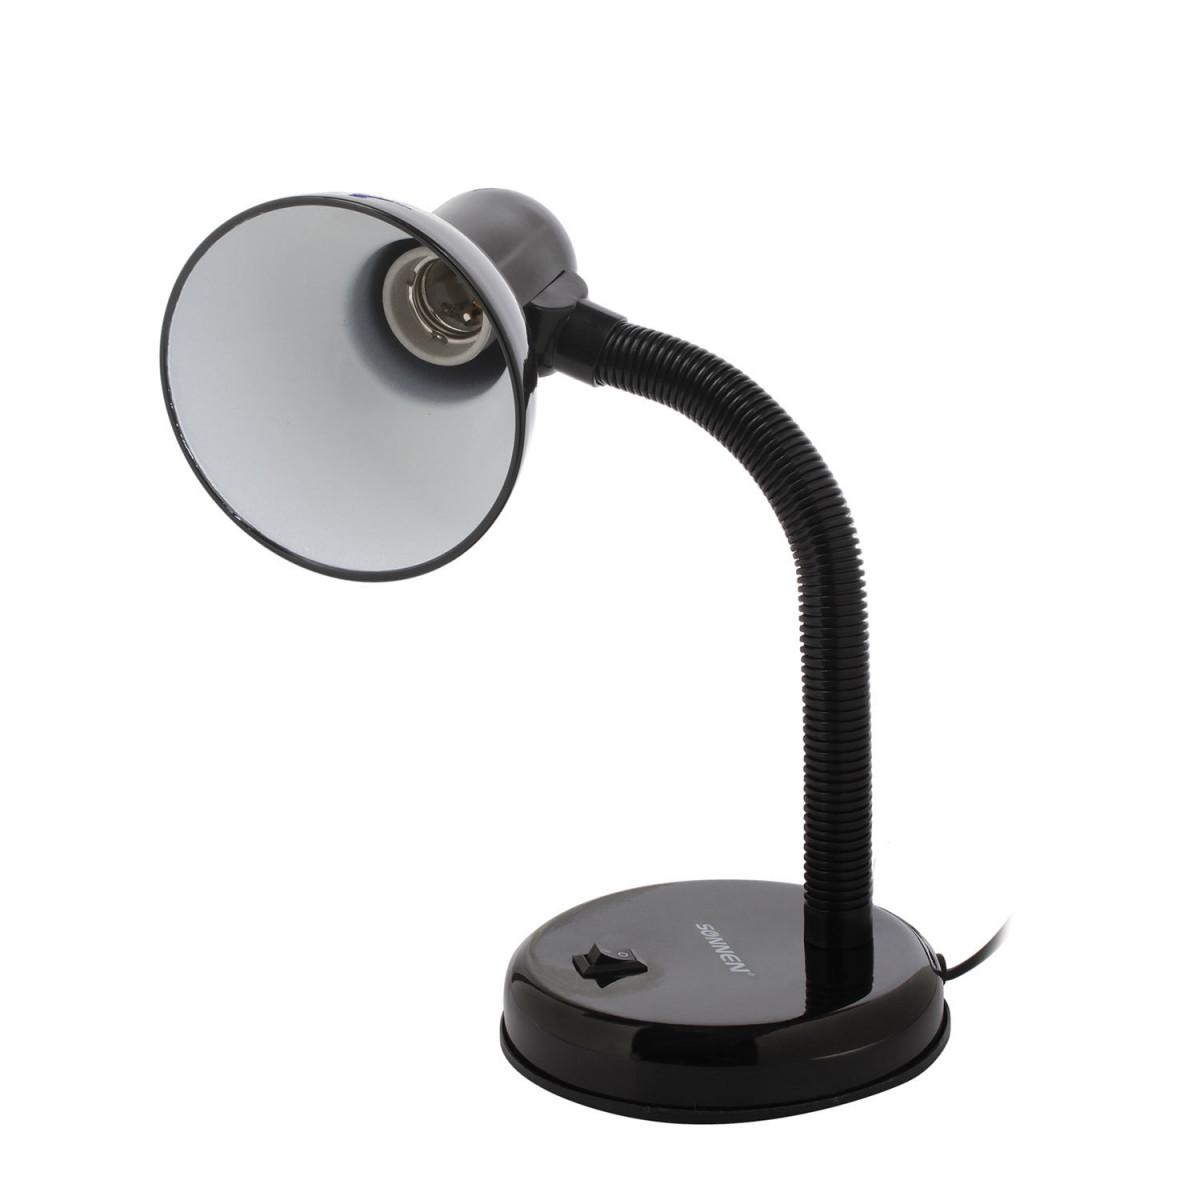 Светильник настольный SONNEN OU-203, на подставке, цоколь Е27, черный, 236676 (арт. 236676)